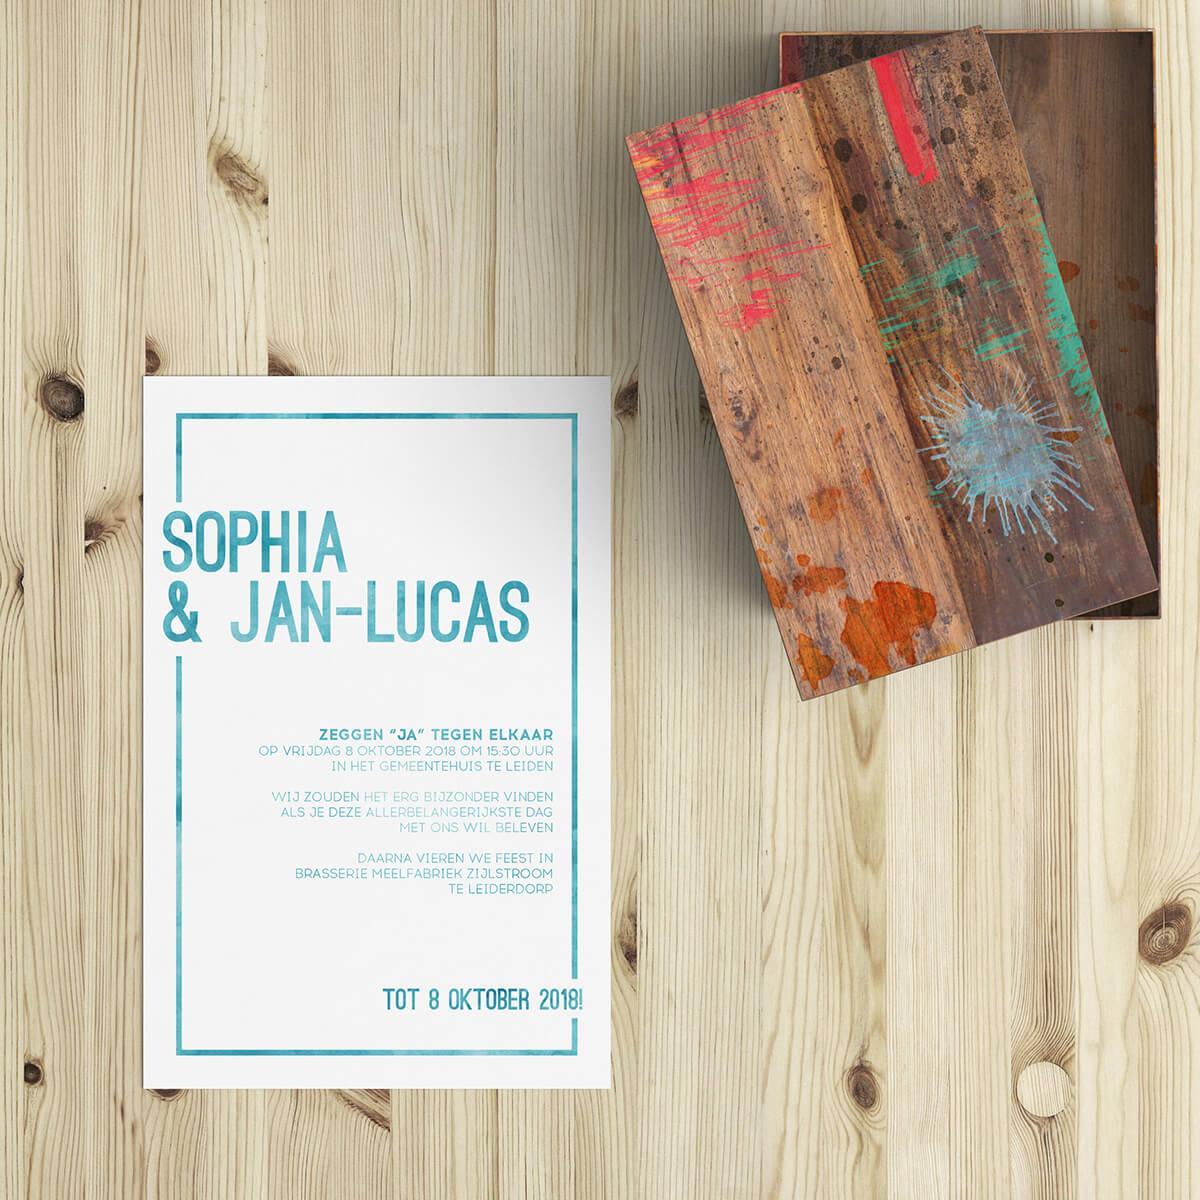 Mooi en beeldend waterverf effect is op trouwkaart Watercolor Frame gebruikt om zowel de tekst als het frame te kleuren, met bijzonder resultaat. Voorkant van trouwkaartje.